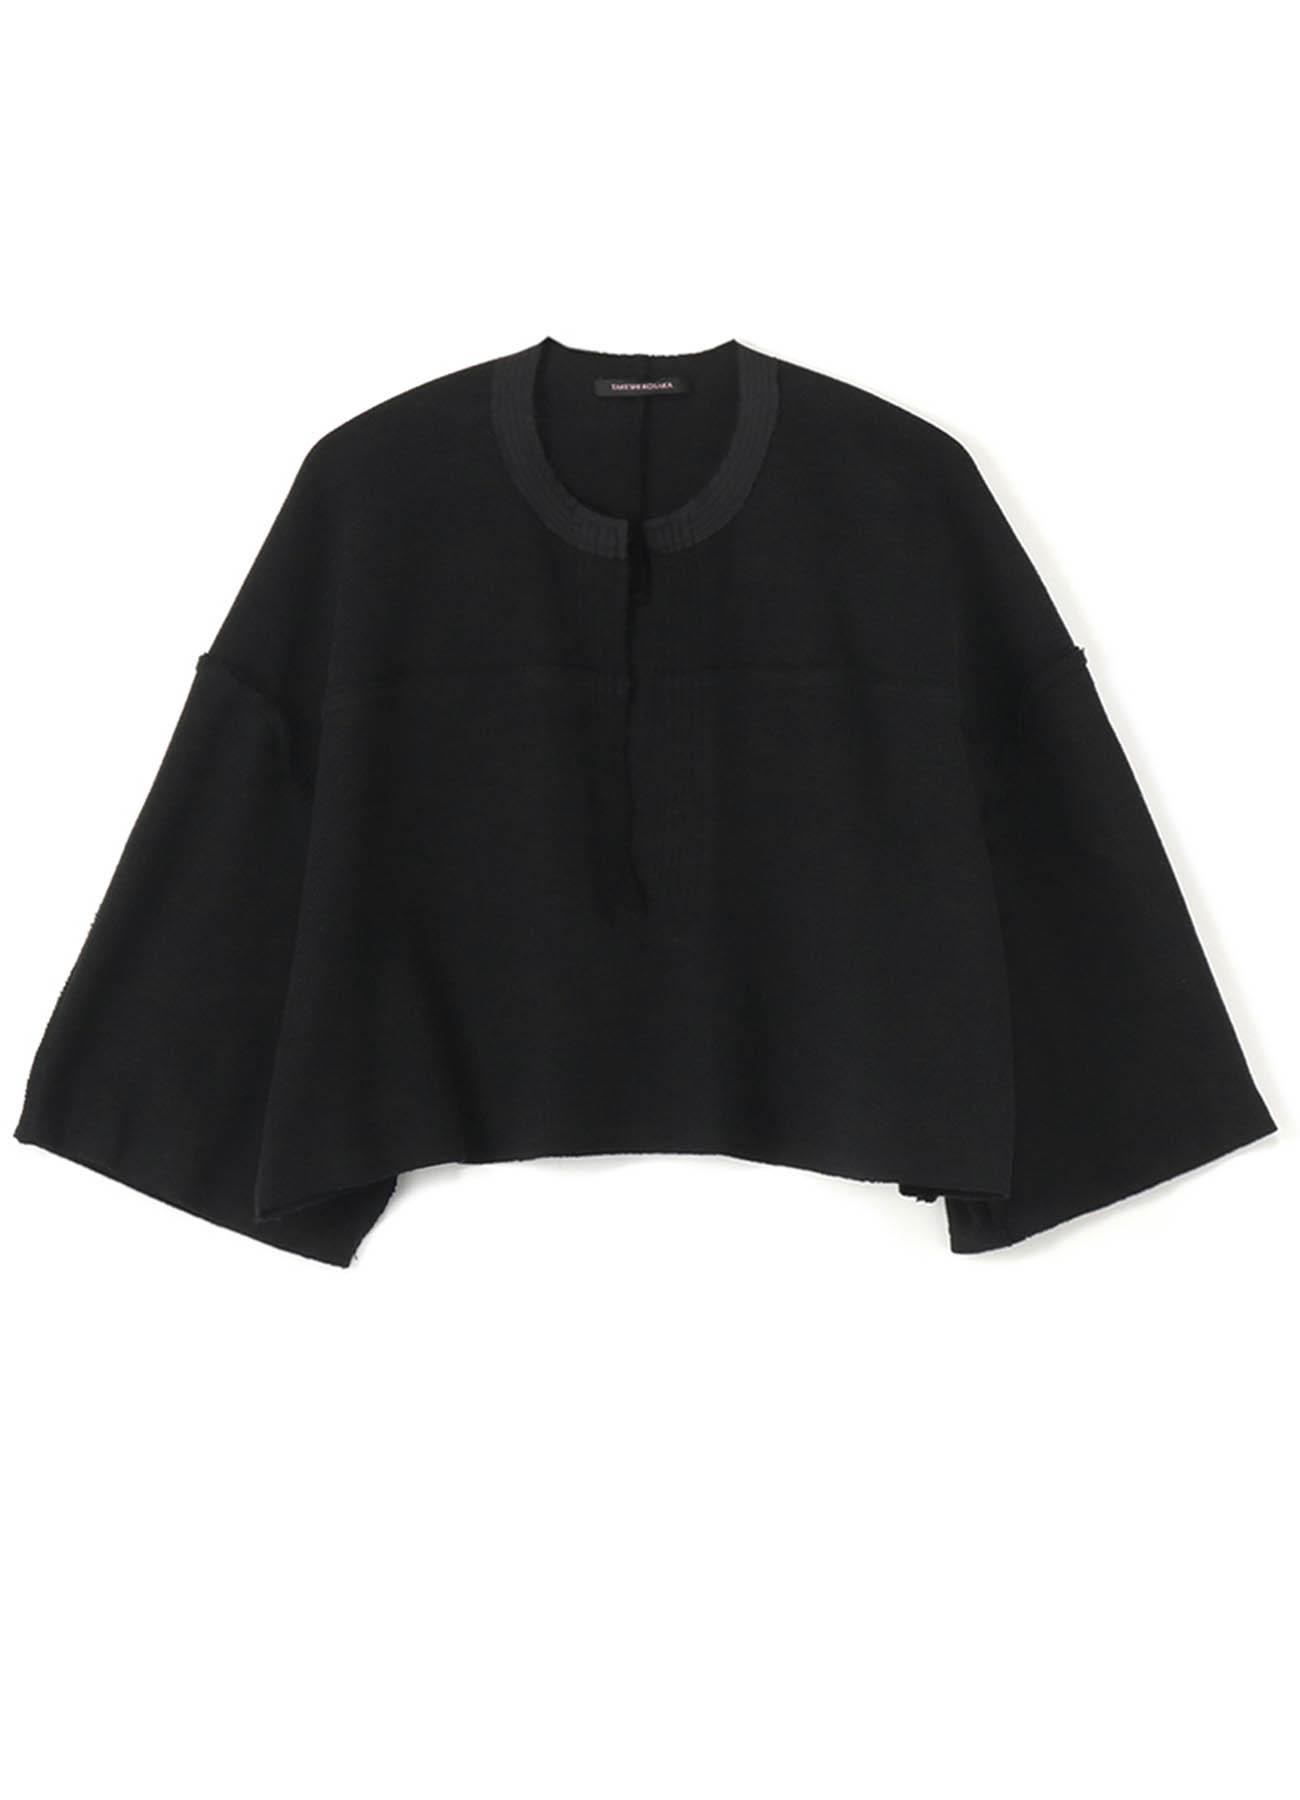 夏季纯棉短款套头衫